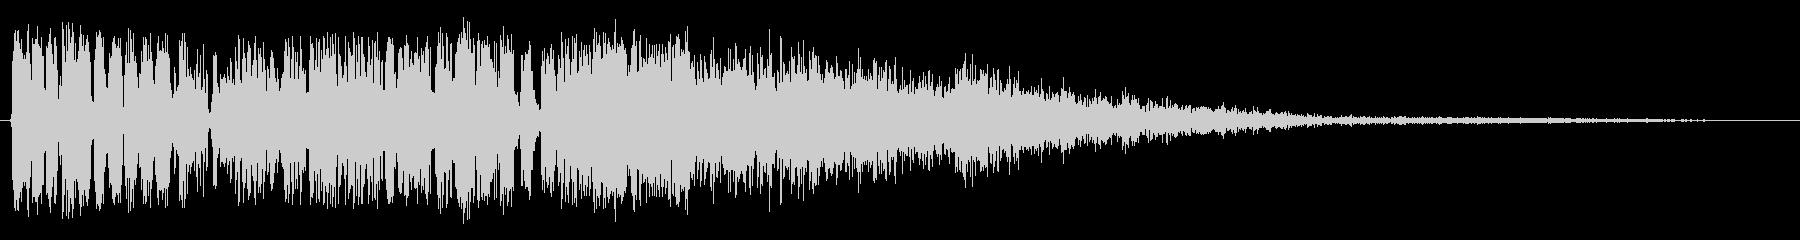 スイッチャー2の未再生の波形